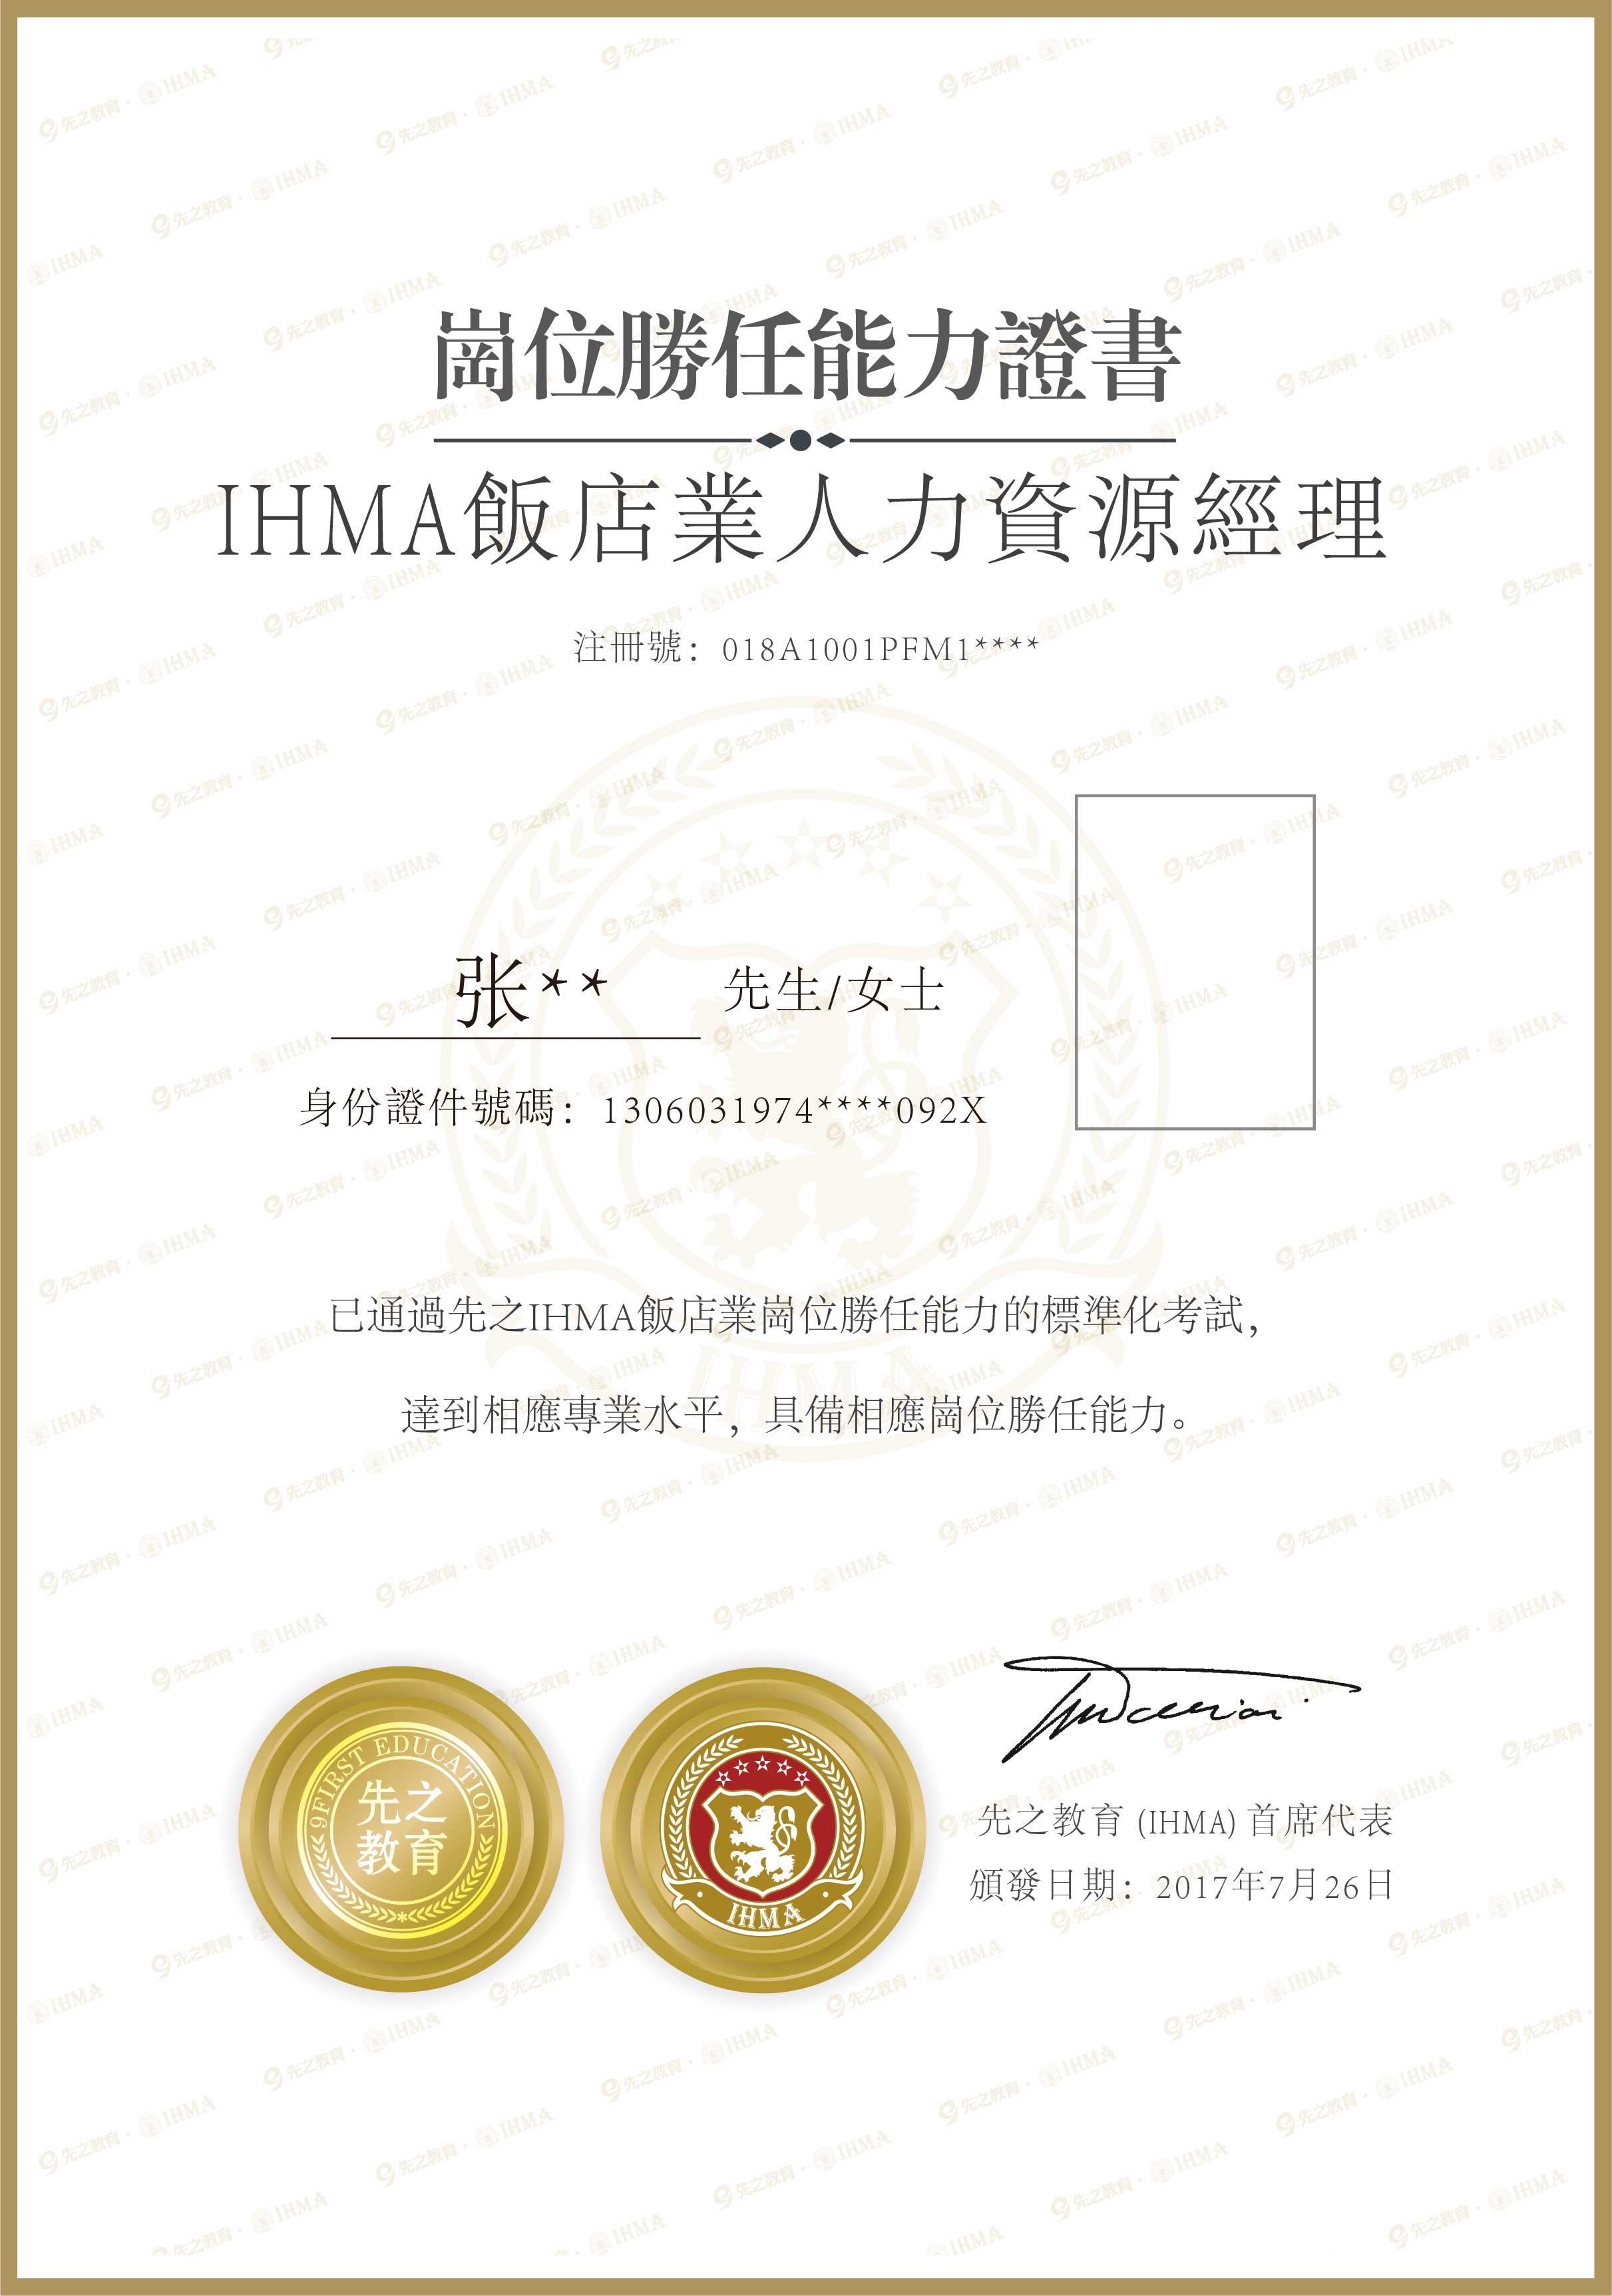 IHMA饭店业人力资源经理岗位胜任能力证书